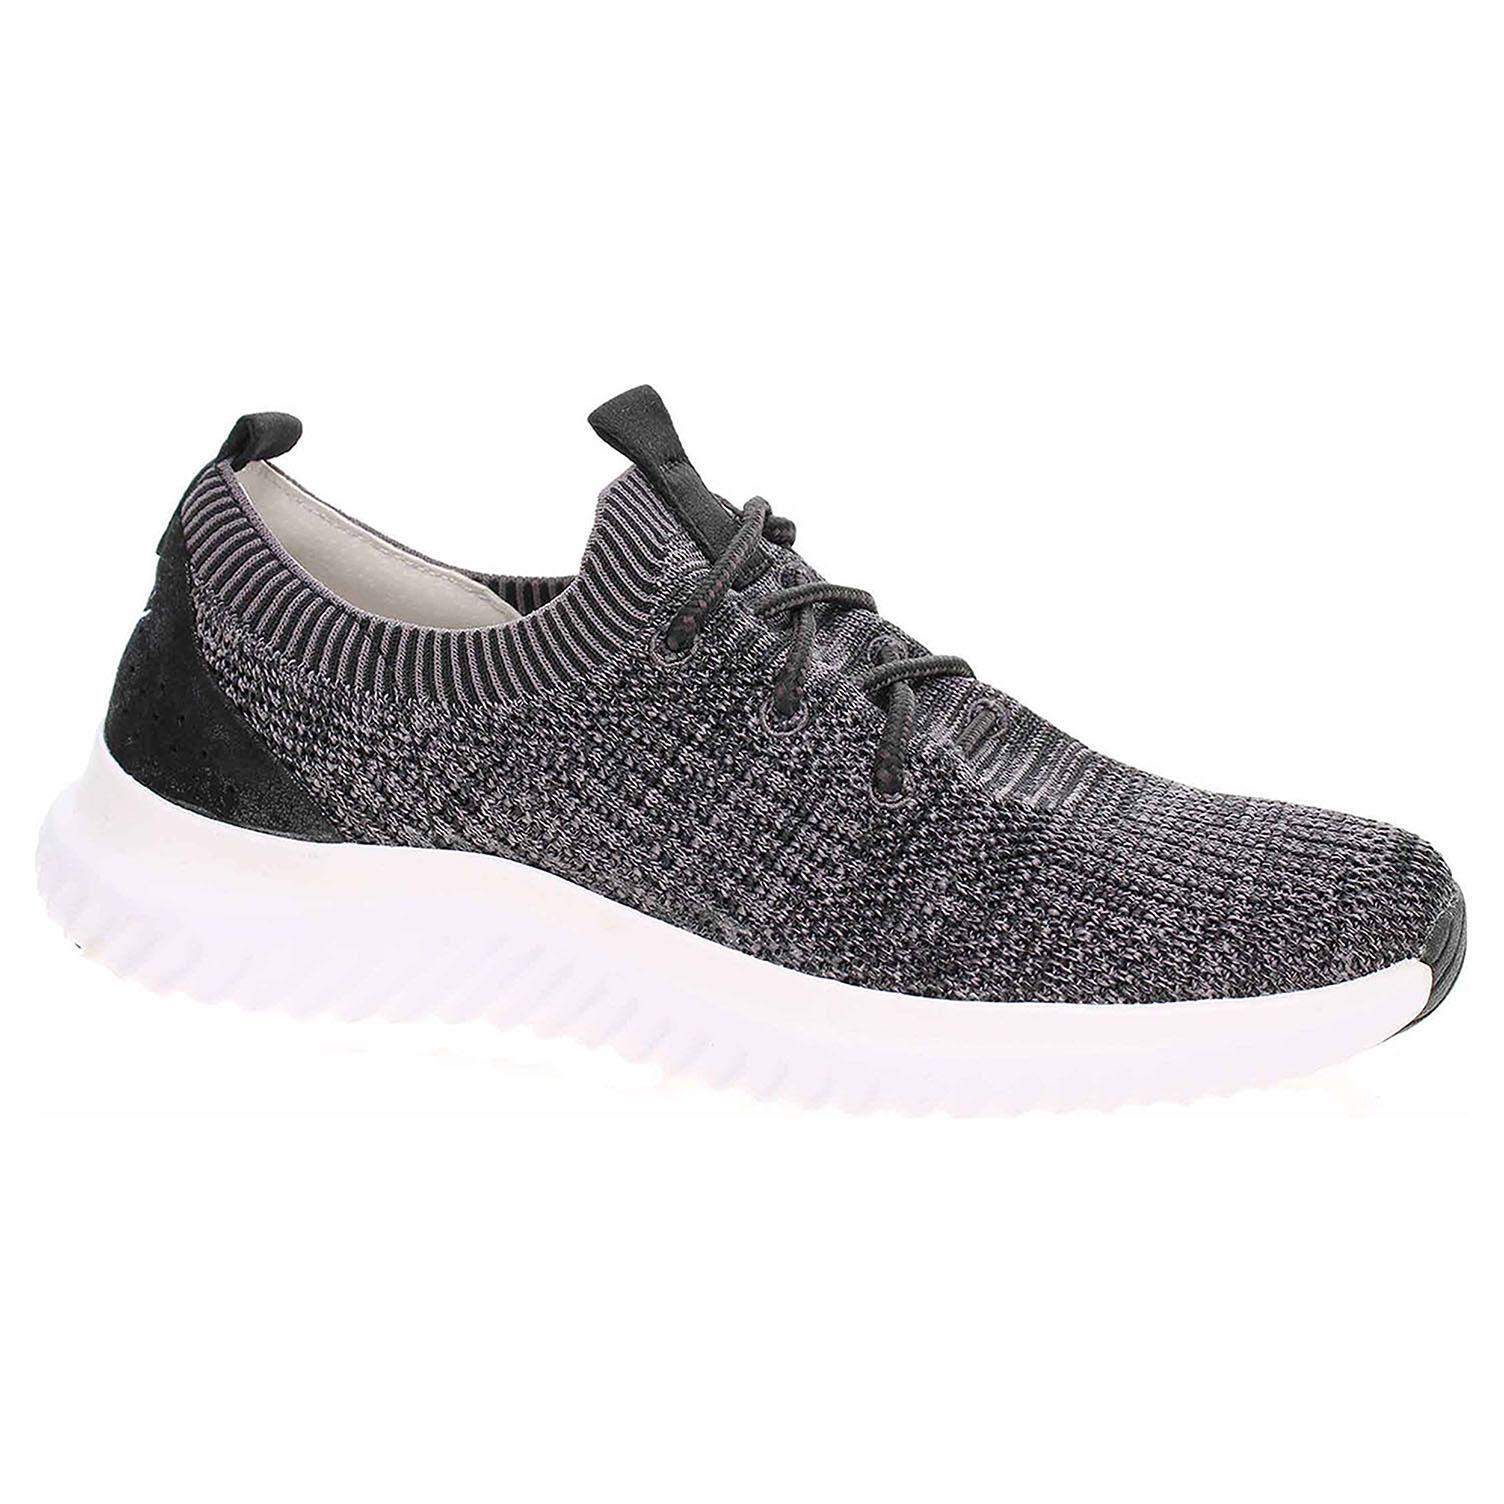 Dámská obuv Gabor 26.980.17 grey-schwarz 26.980.17 39